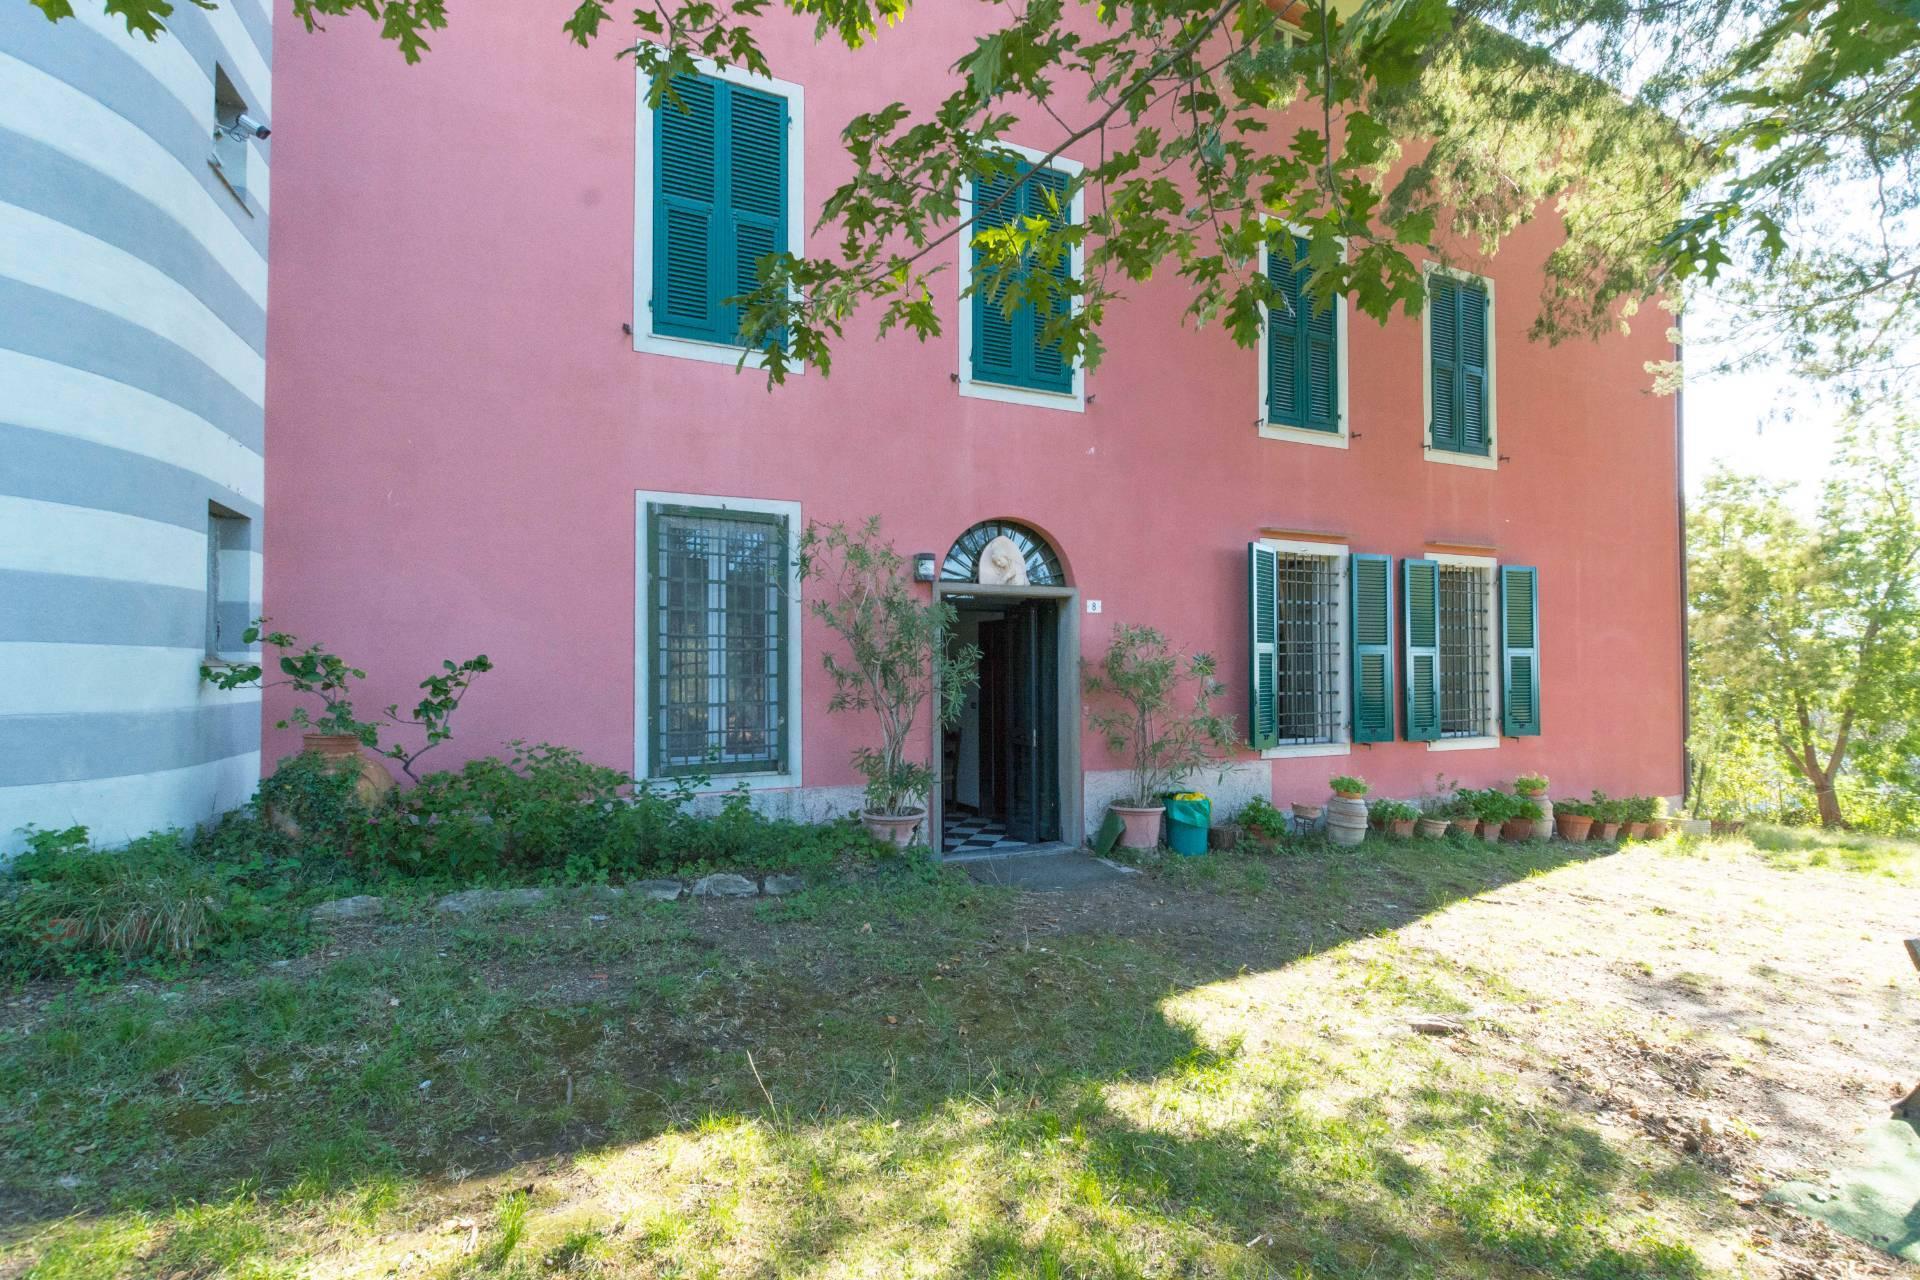 Rustico / Casale in vendita a Moneglia, 9 locali, prezzo € 720.000   PortaleAgenzieImmobiliari.it